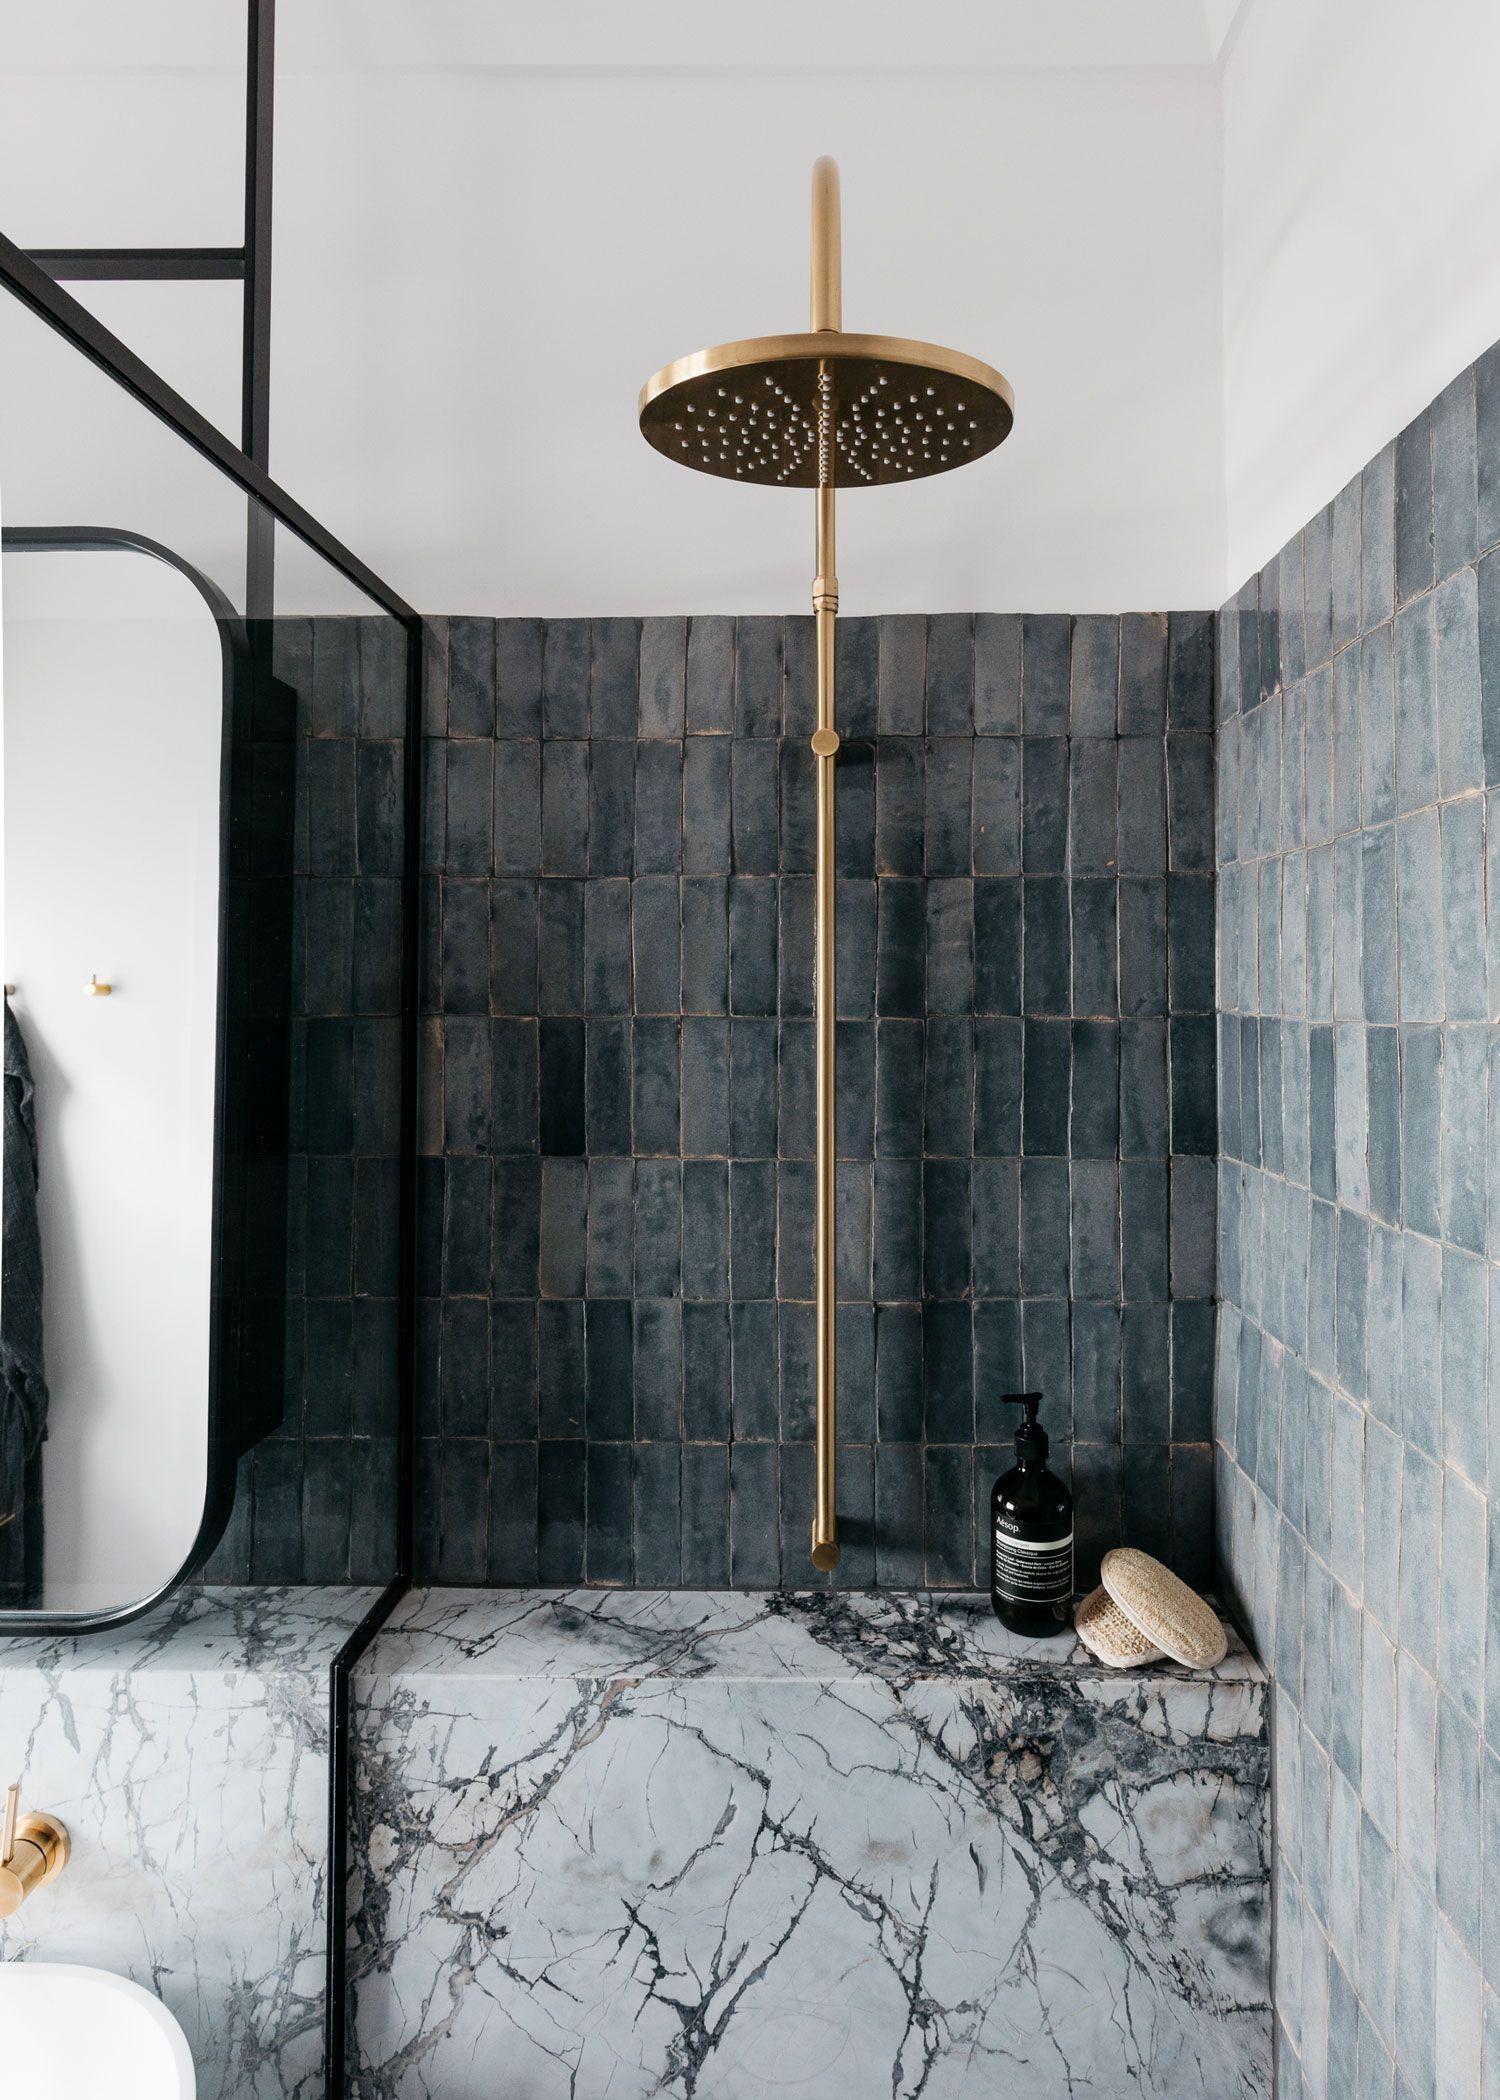 Diy Bathroom Decor 5 Minute Crafts How To Bathroom Decor Bathroom Decor For Shelves Bathroom Decor In 2020 Badezimmereinrichtung Luxusbadezimmer Dusche Umgestalten